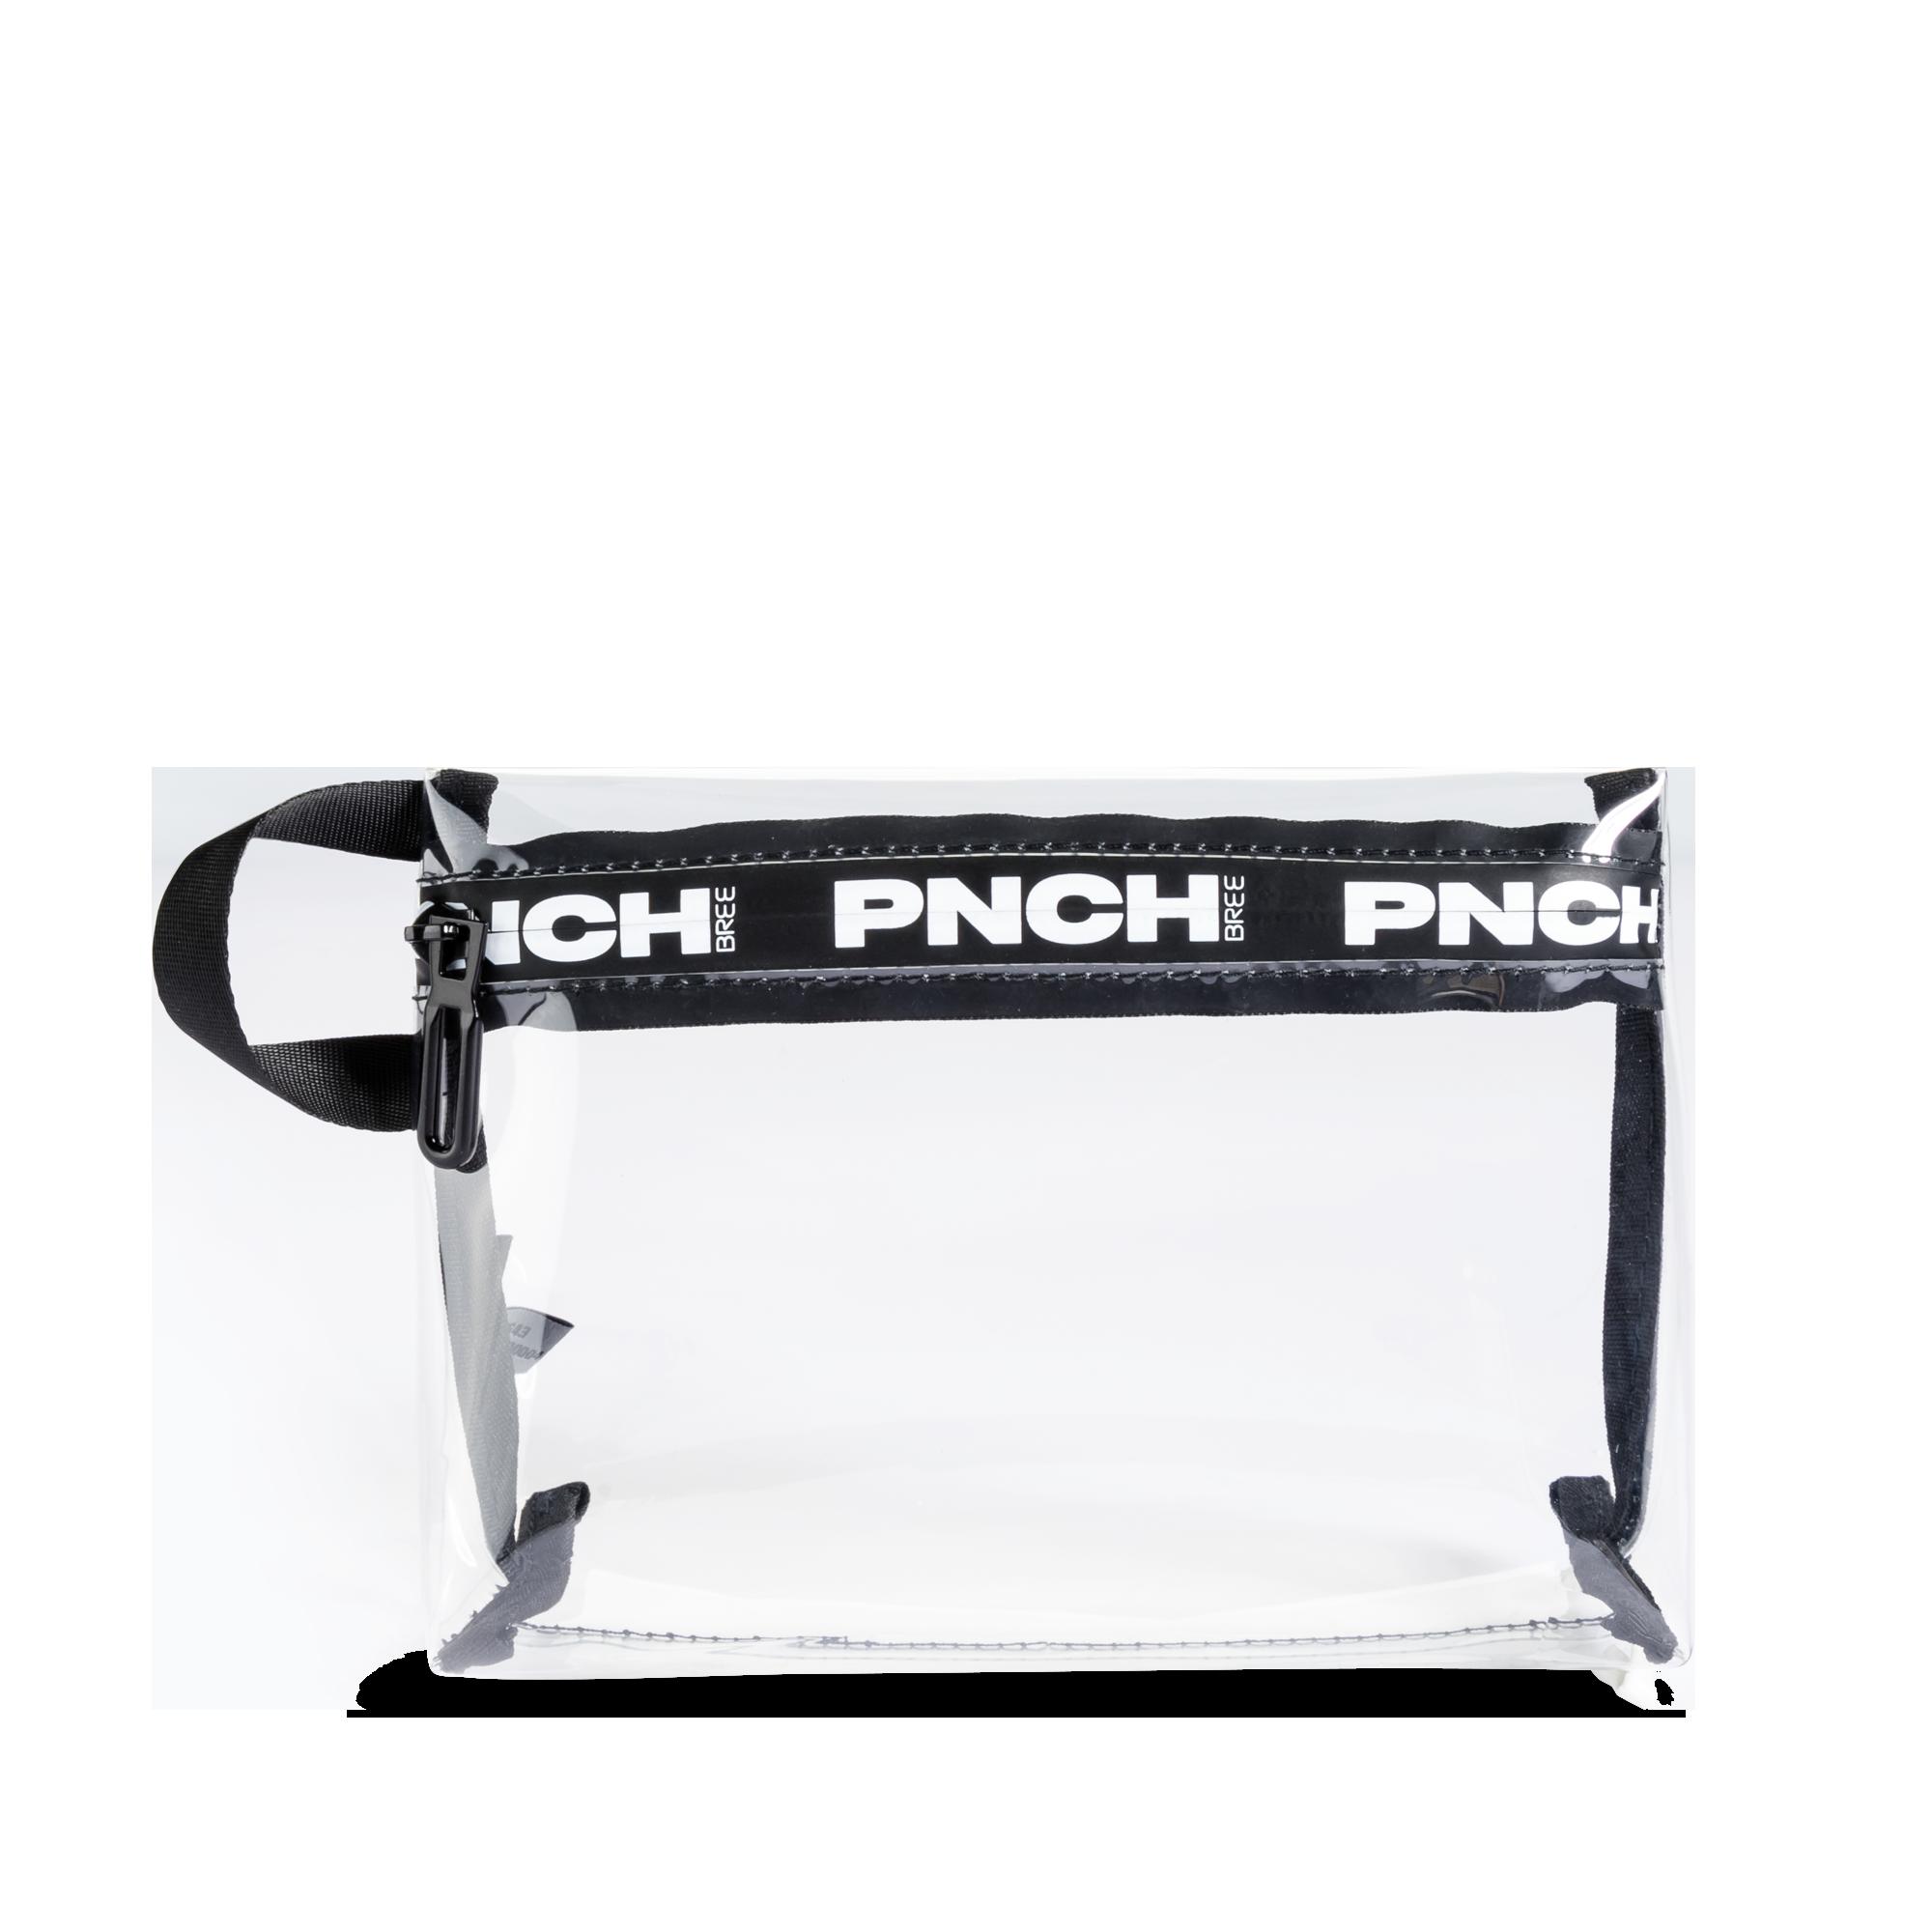 Kulturbeutel 2 Liter PNCH Air 3 - Black - Pouch XS